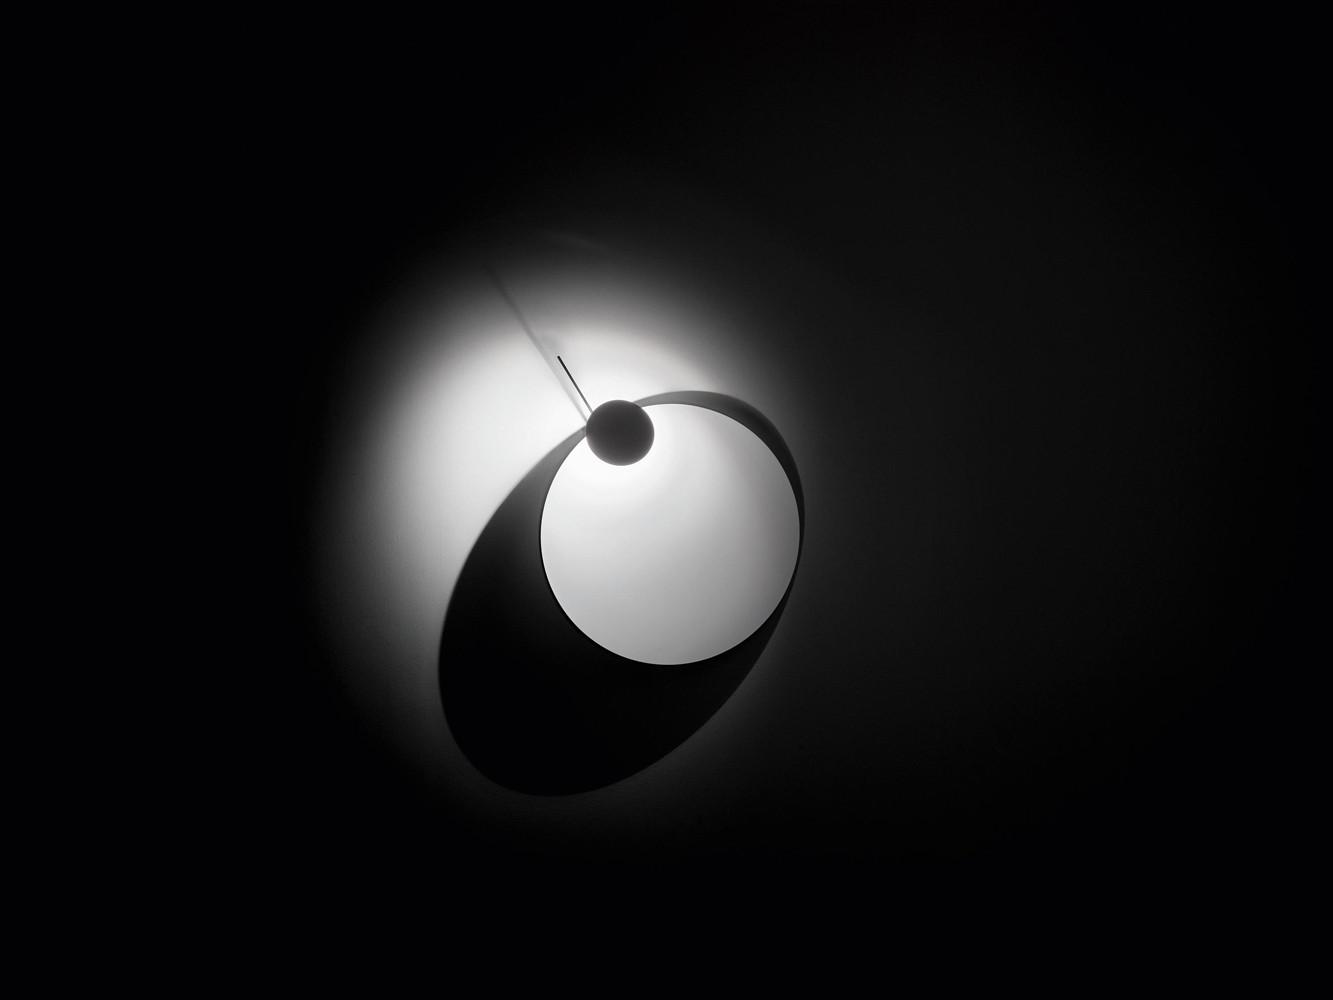 Ingo Maurer Leuchten : ingo maurer eclipse ellipse leuchten serie forryouu ~ Watch28wear.com Haus und Dekorationen